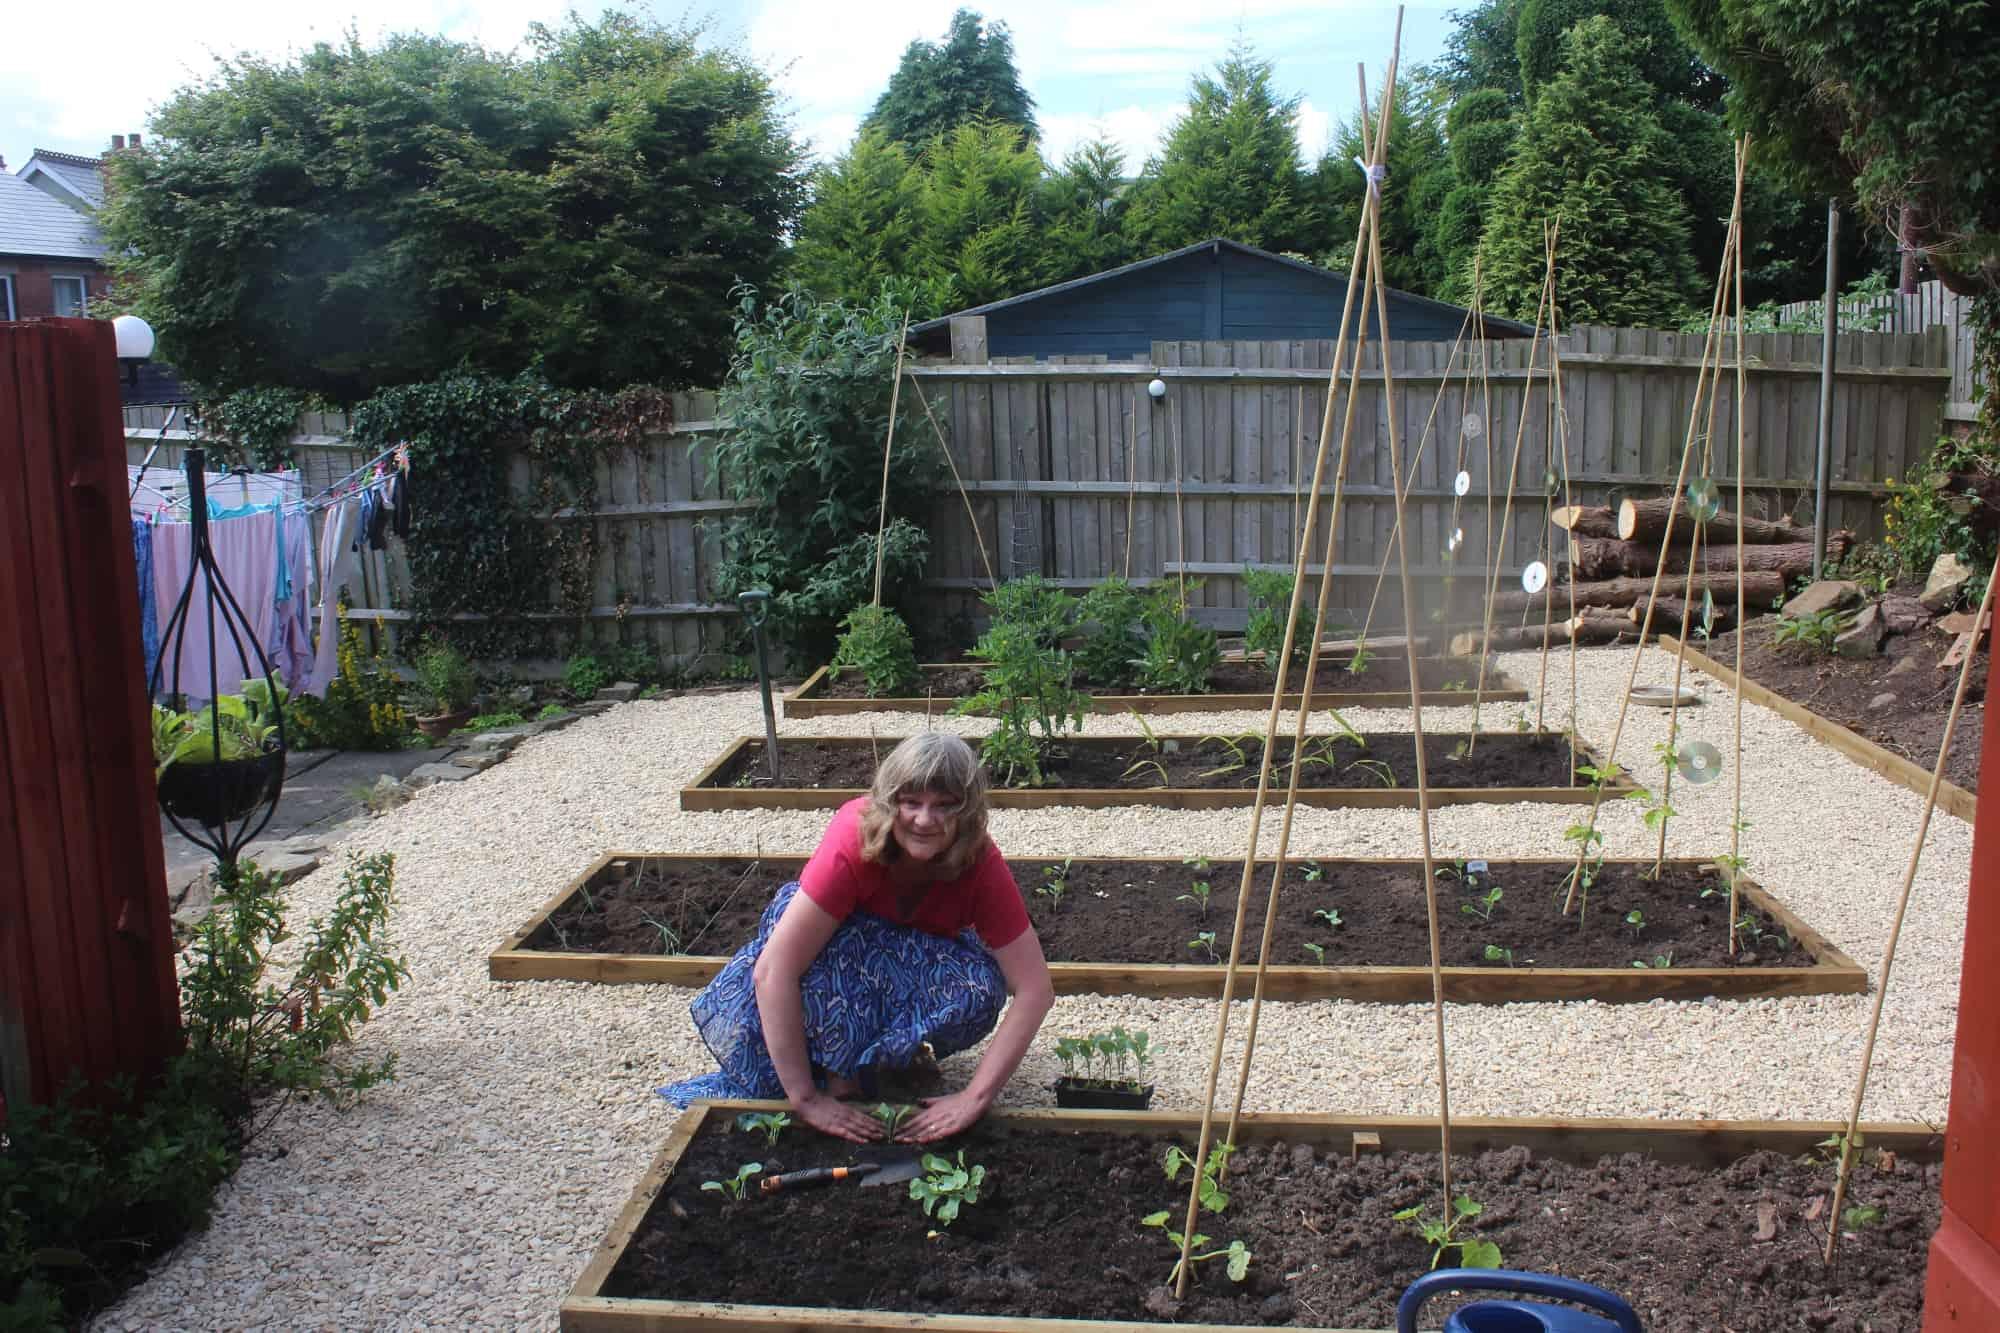 Vanda gardening